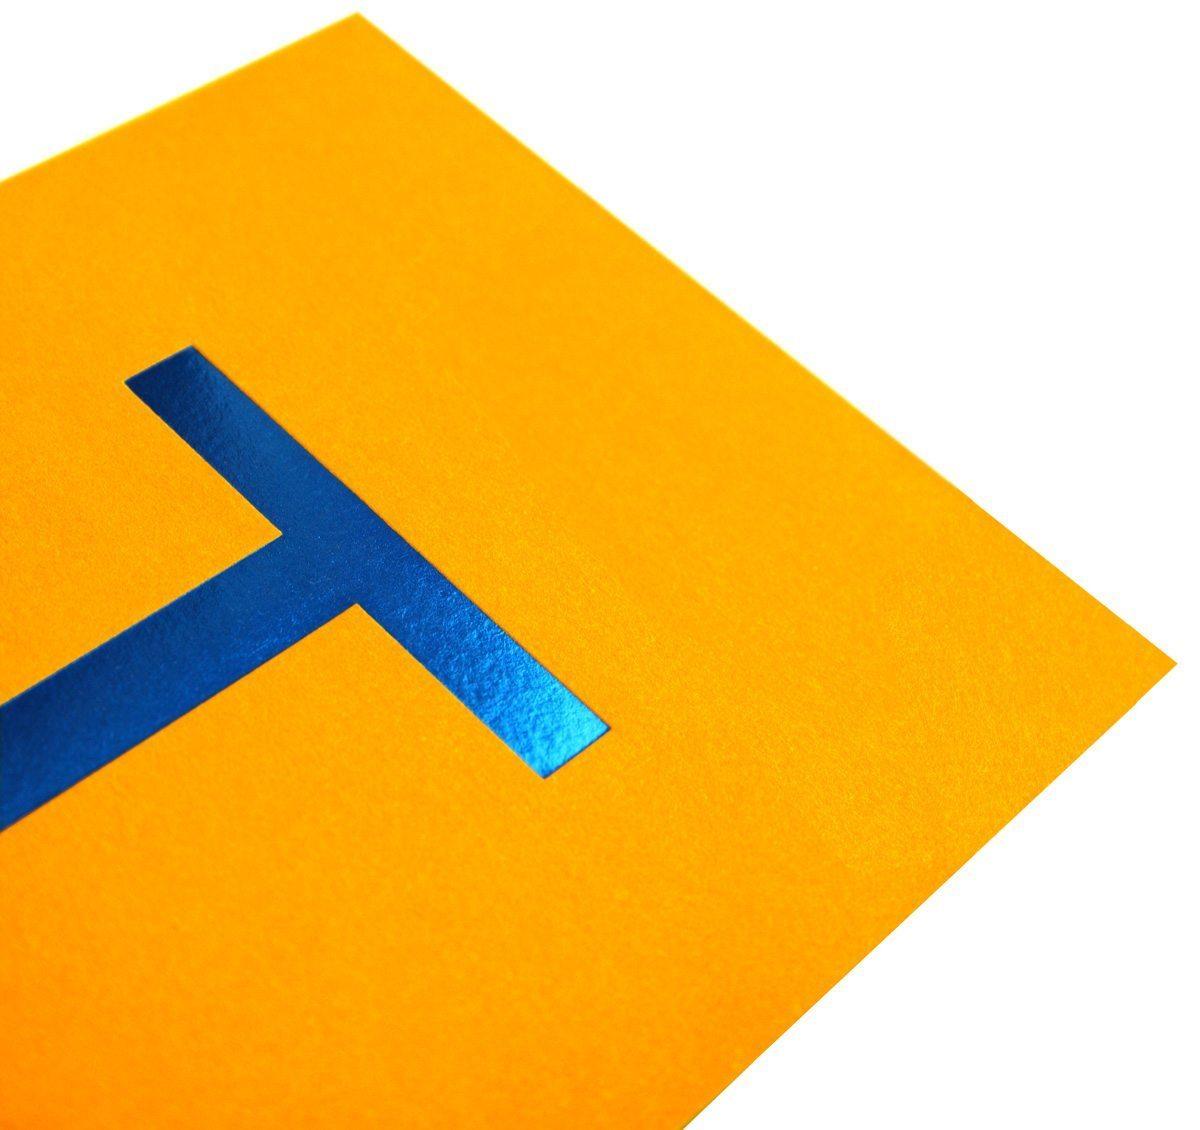 Zoom d'une cartes postales de la Maison étoilés Troisgros, couleurs gourmandes et dorures à chaud, design Ich&Kar